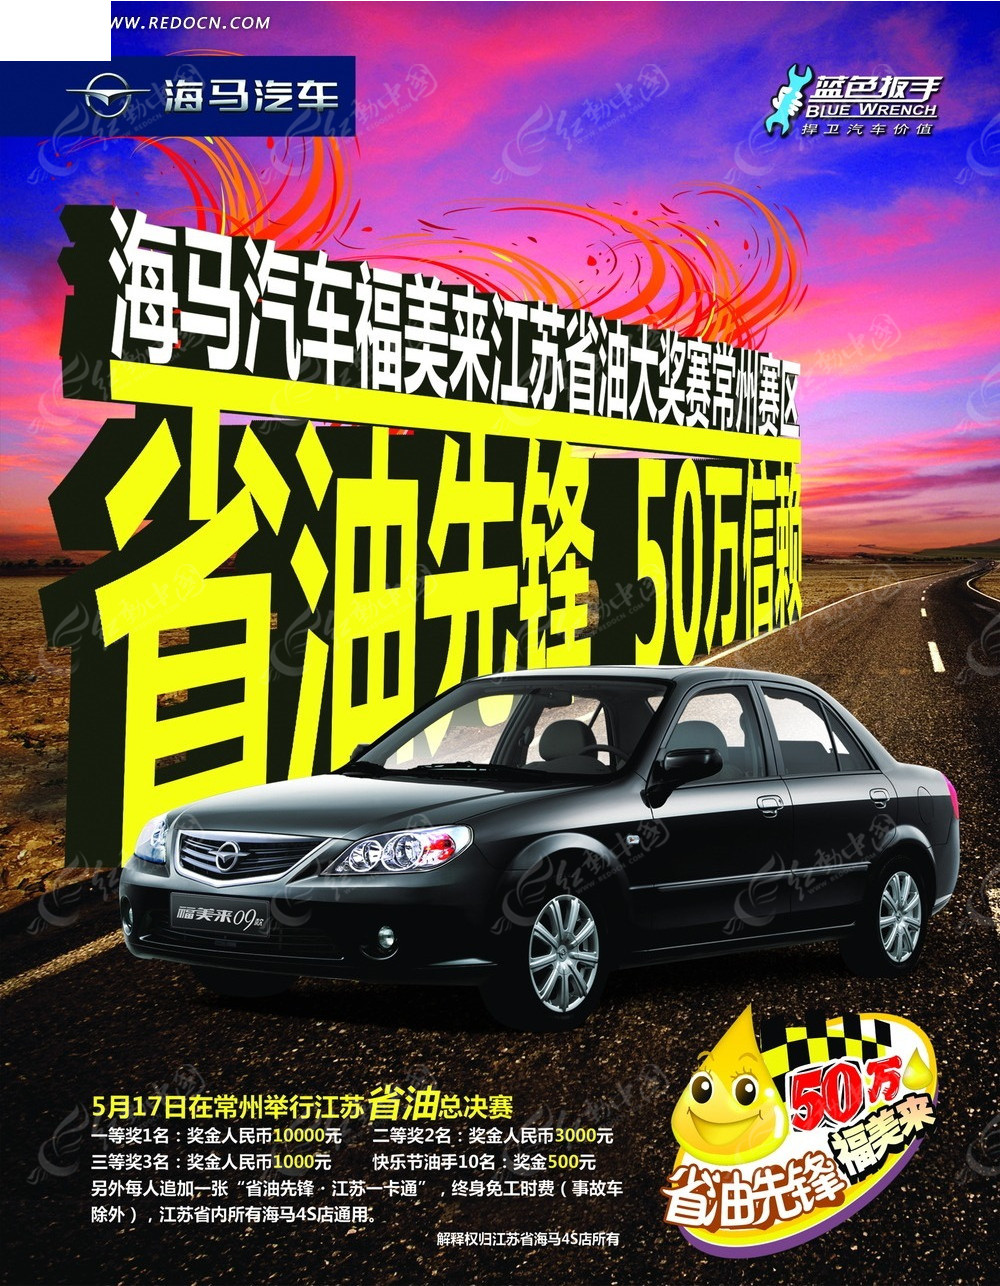 海马汽车比赛海报设计